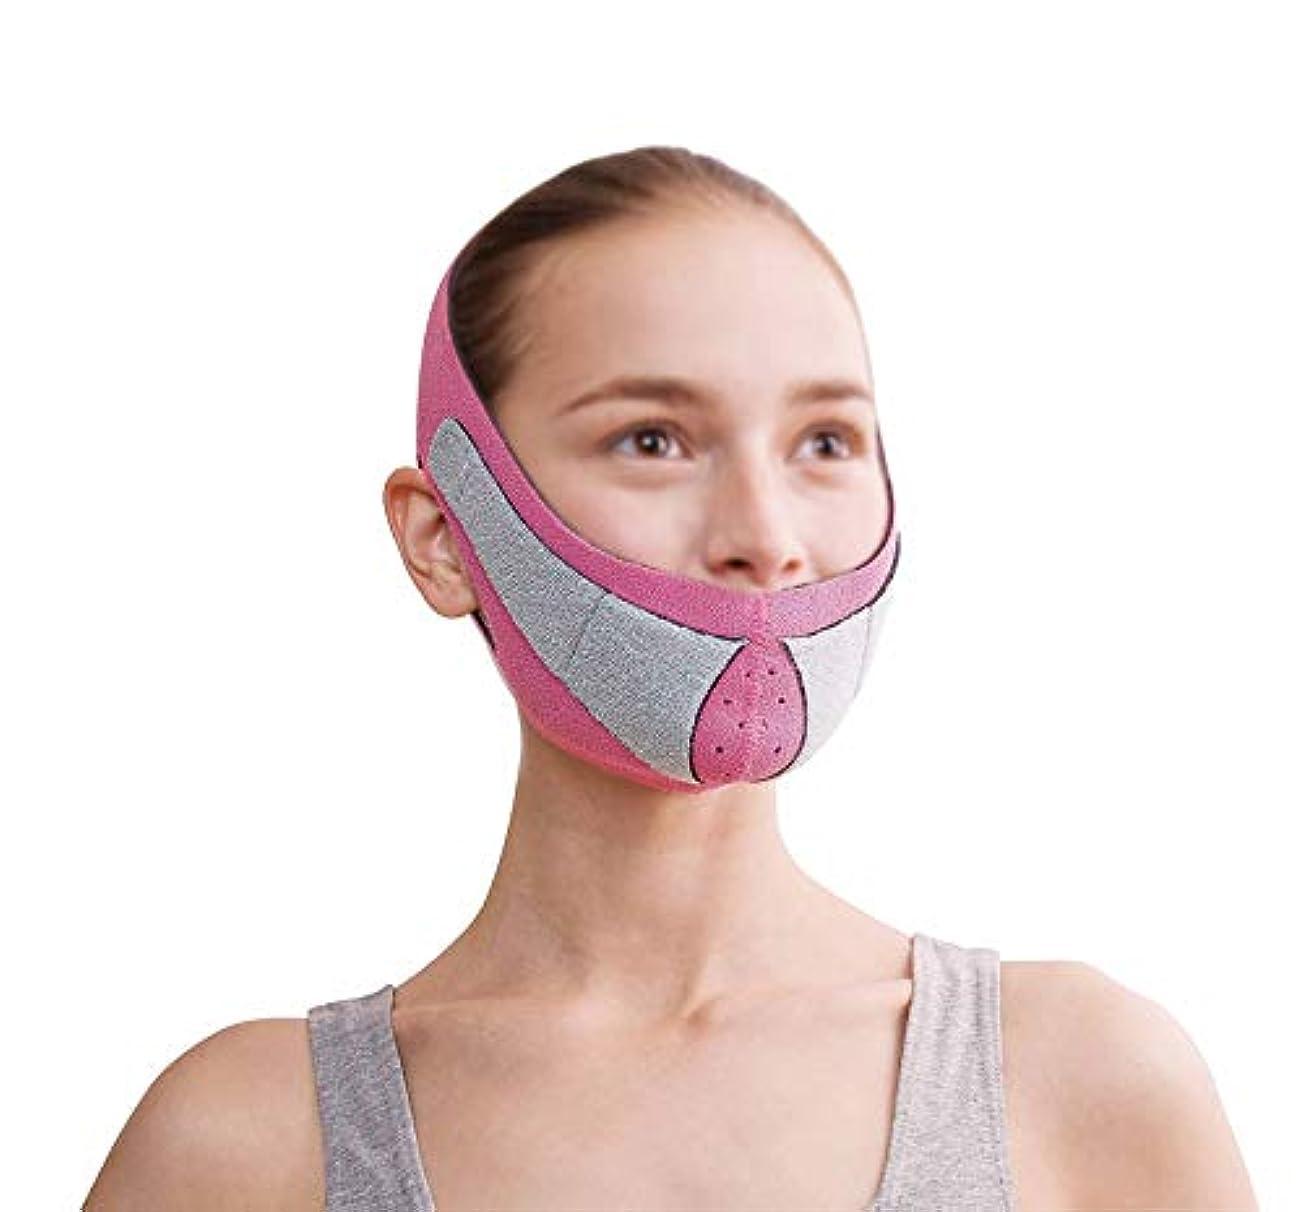 連結する兵士グローブGLJJQMY 薄い顔のマスクのマスクと垂れ下がり防止の薄い顔のマスク薄い顔のマスクのアーティファクトの美しさの首ネックストラップを引き締め 顔用整形マスク